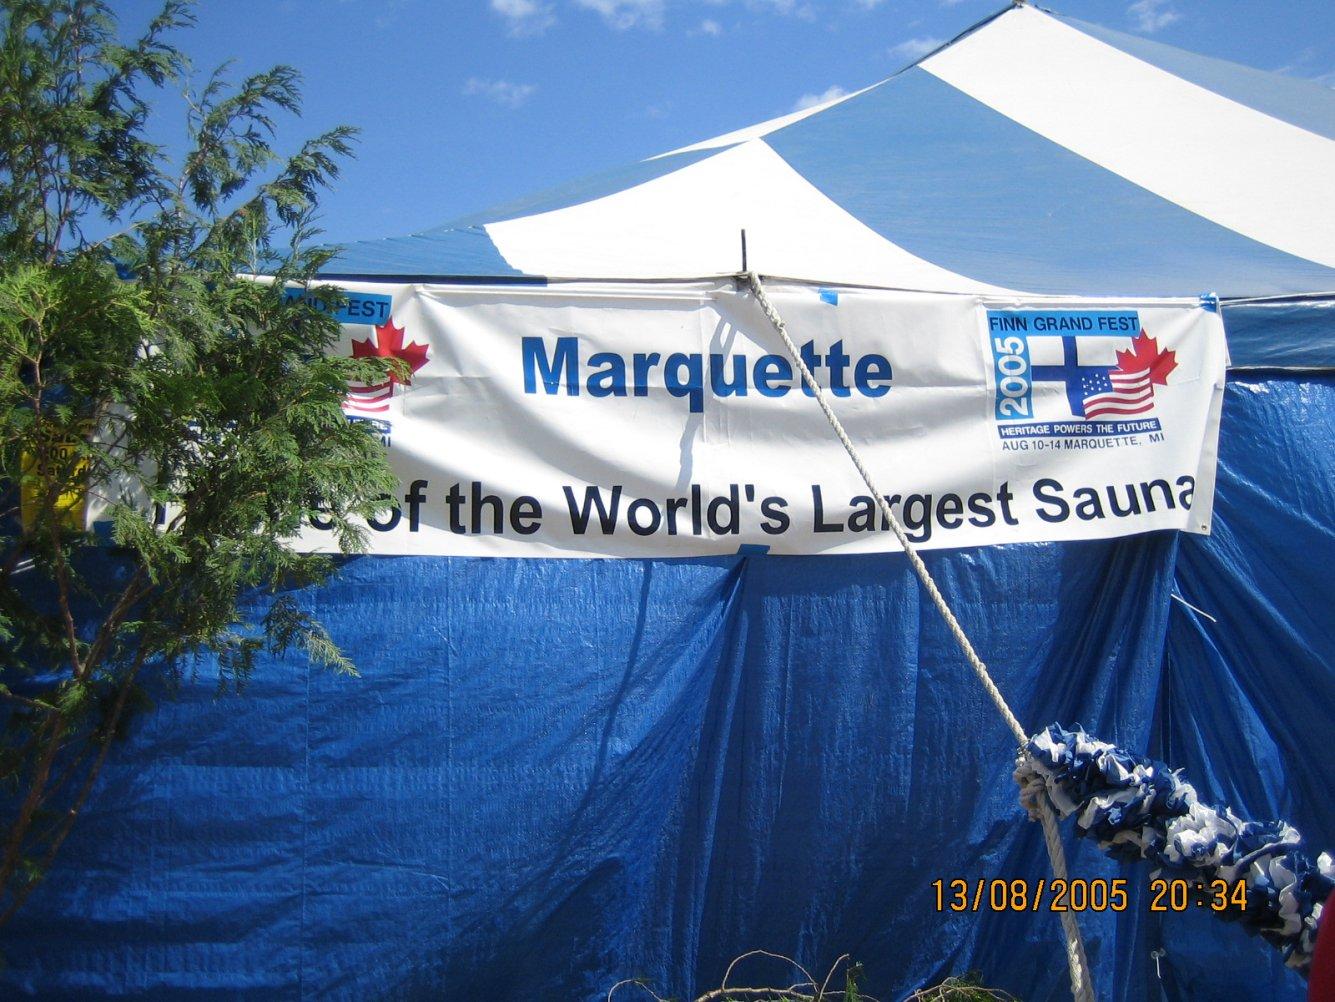 Maailma suurin sauna Marquetassa